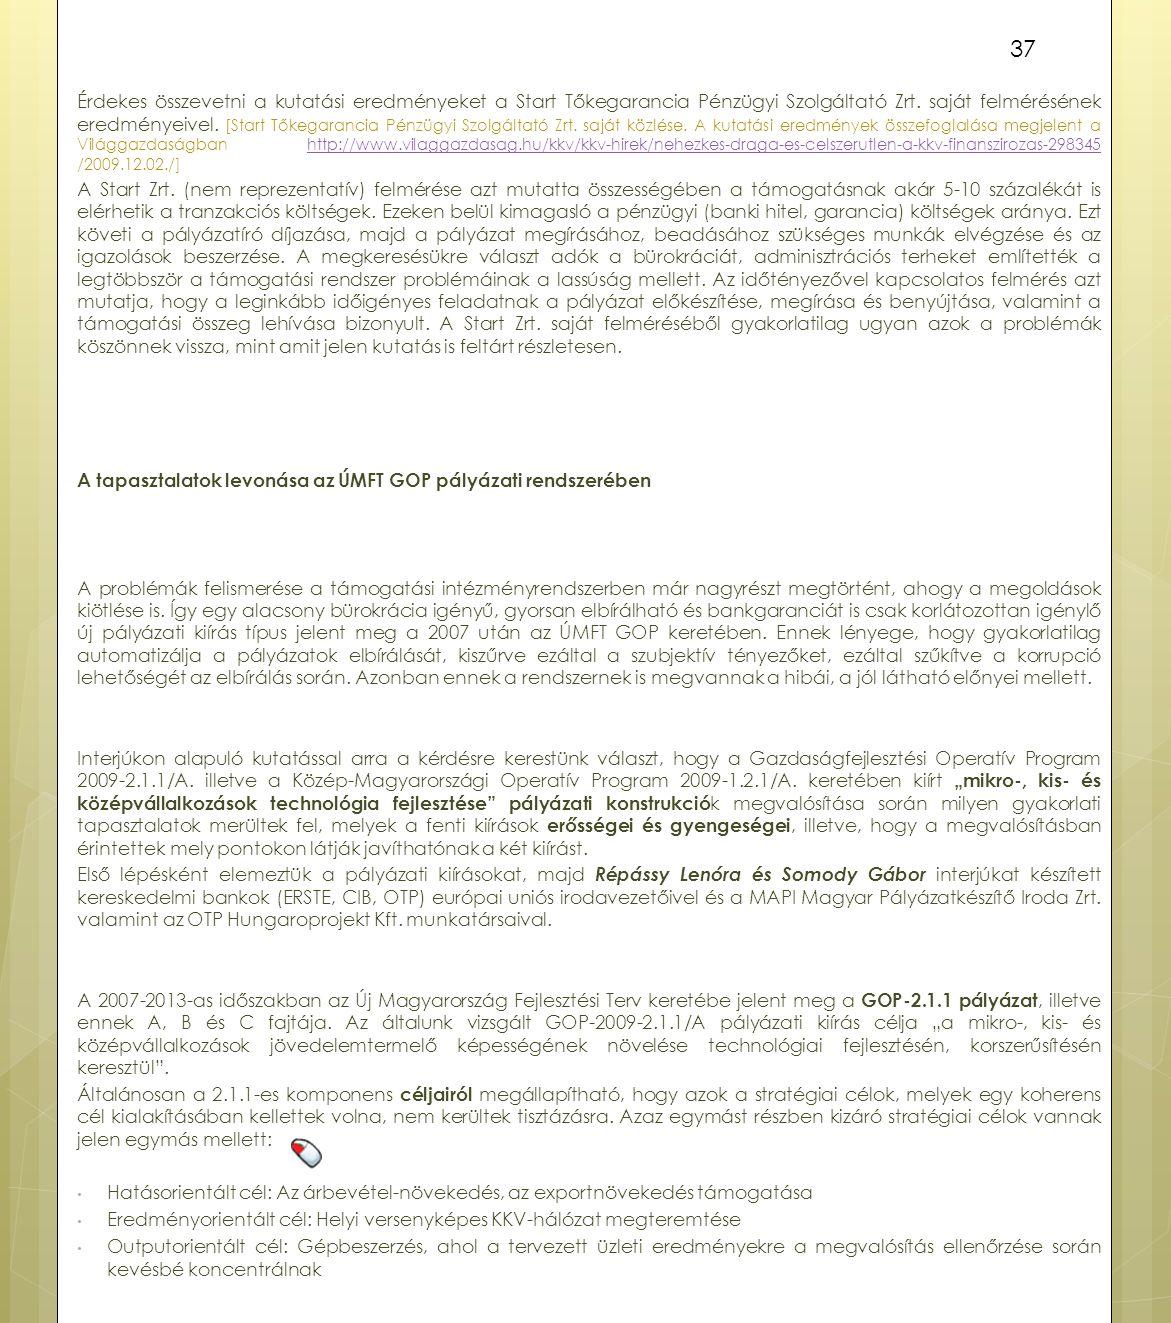 Érdekes összevetni a kutatási eredményeket a Start Tőkegarancia Pénzügyi Szolgáltató Zrt.